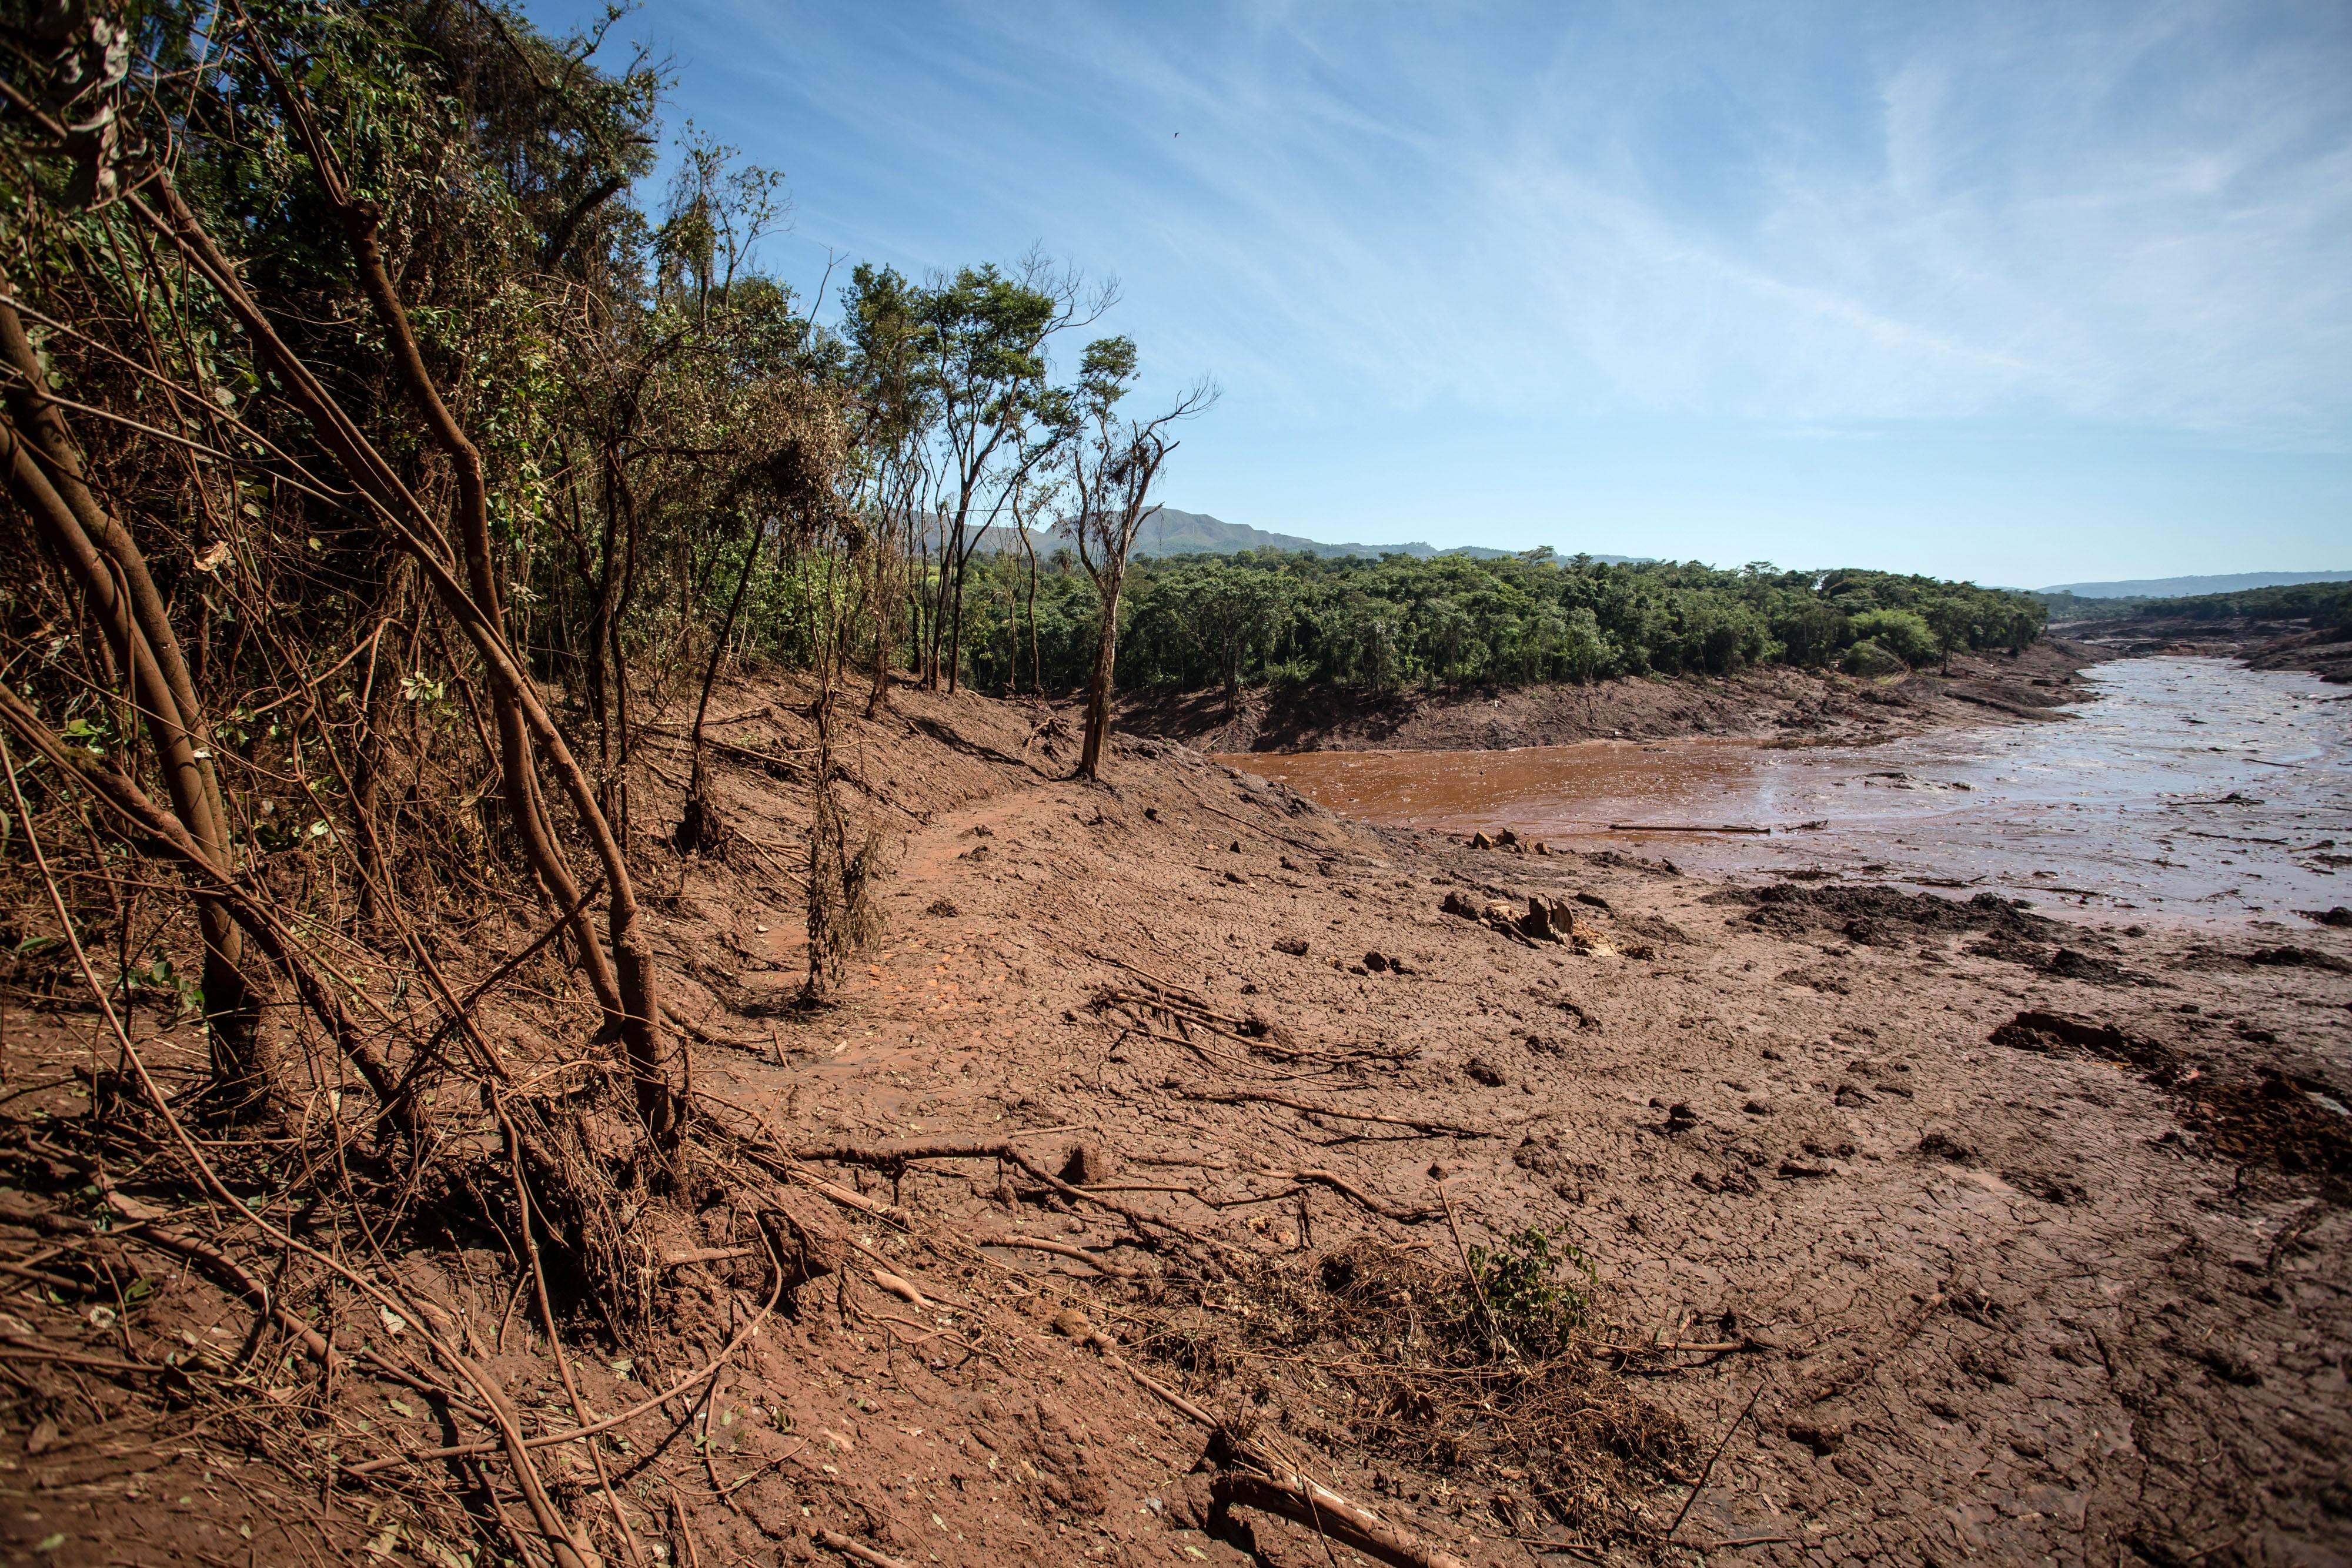 Expedição já percorreu 45 km ao longo do Rio Paraopeba (Foto: Gaspar Nóbrega/ SOS Mata Atlântica.)